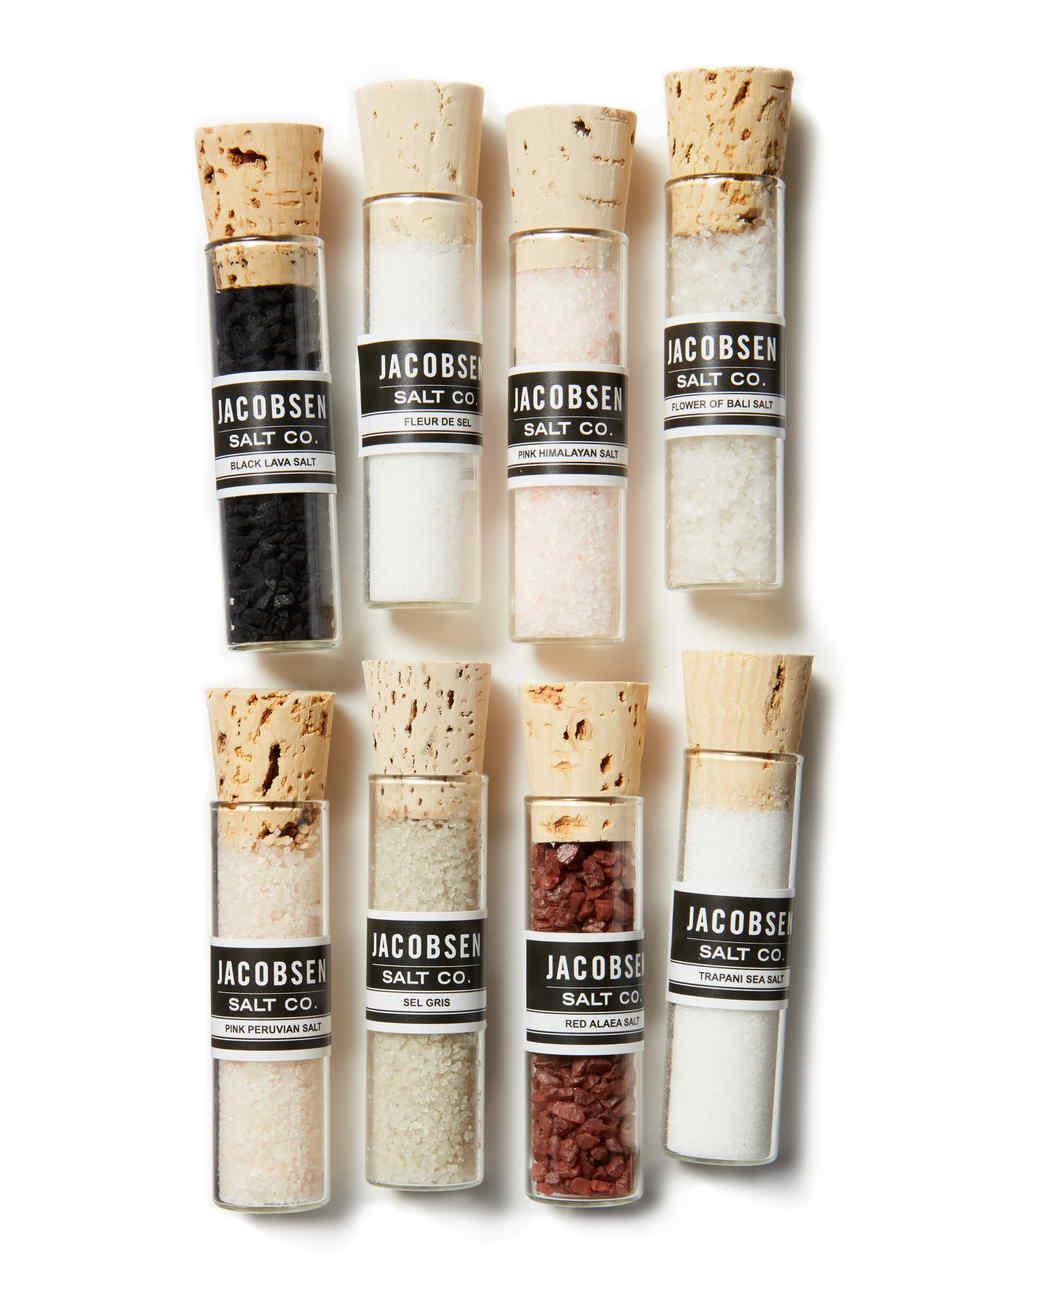 vials of jacobsen specialty salt